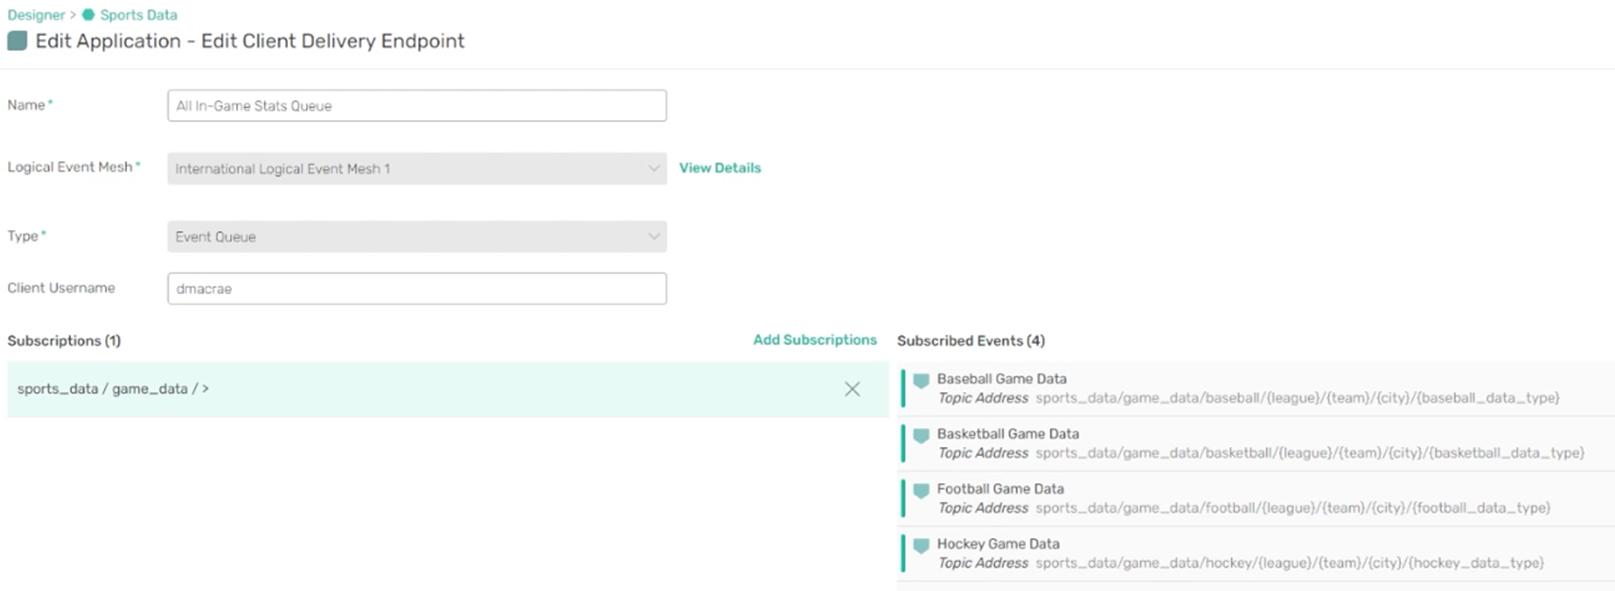 PubSub+ Event Portal edit client delivery endpoint